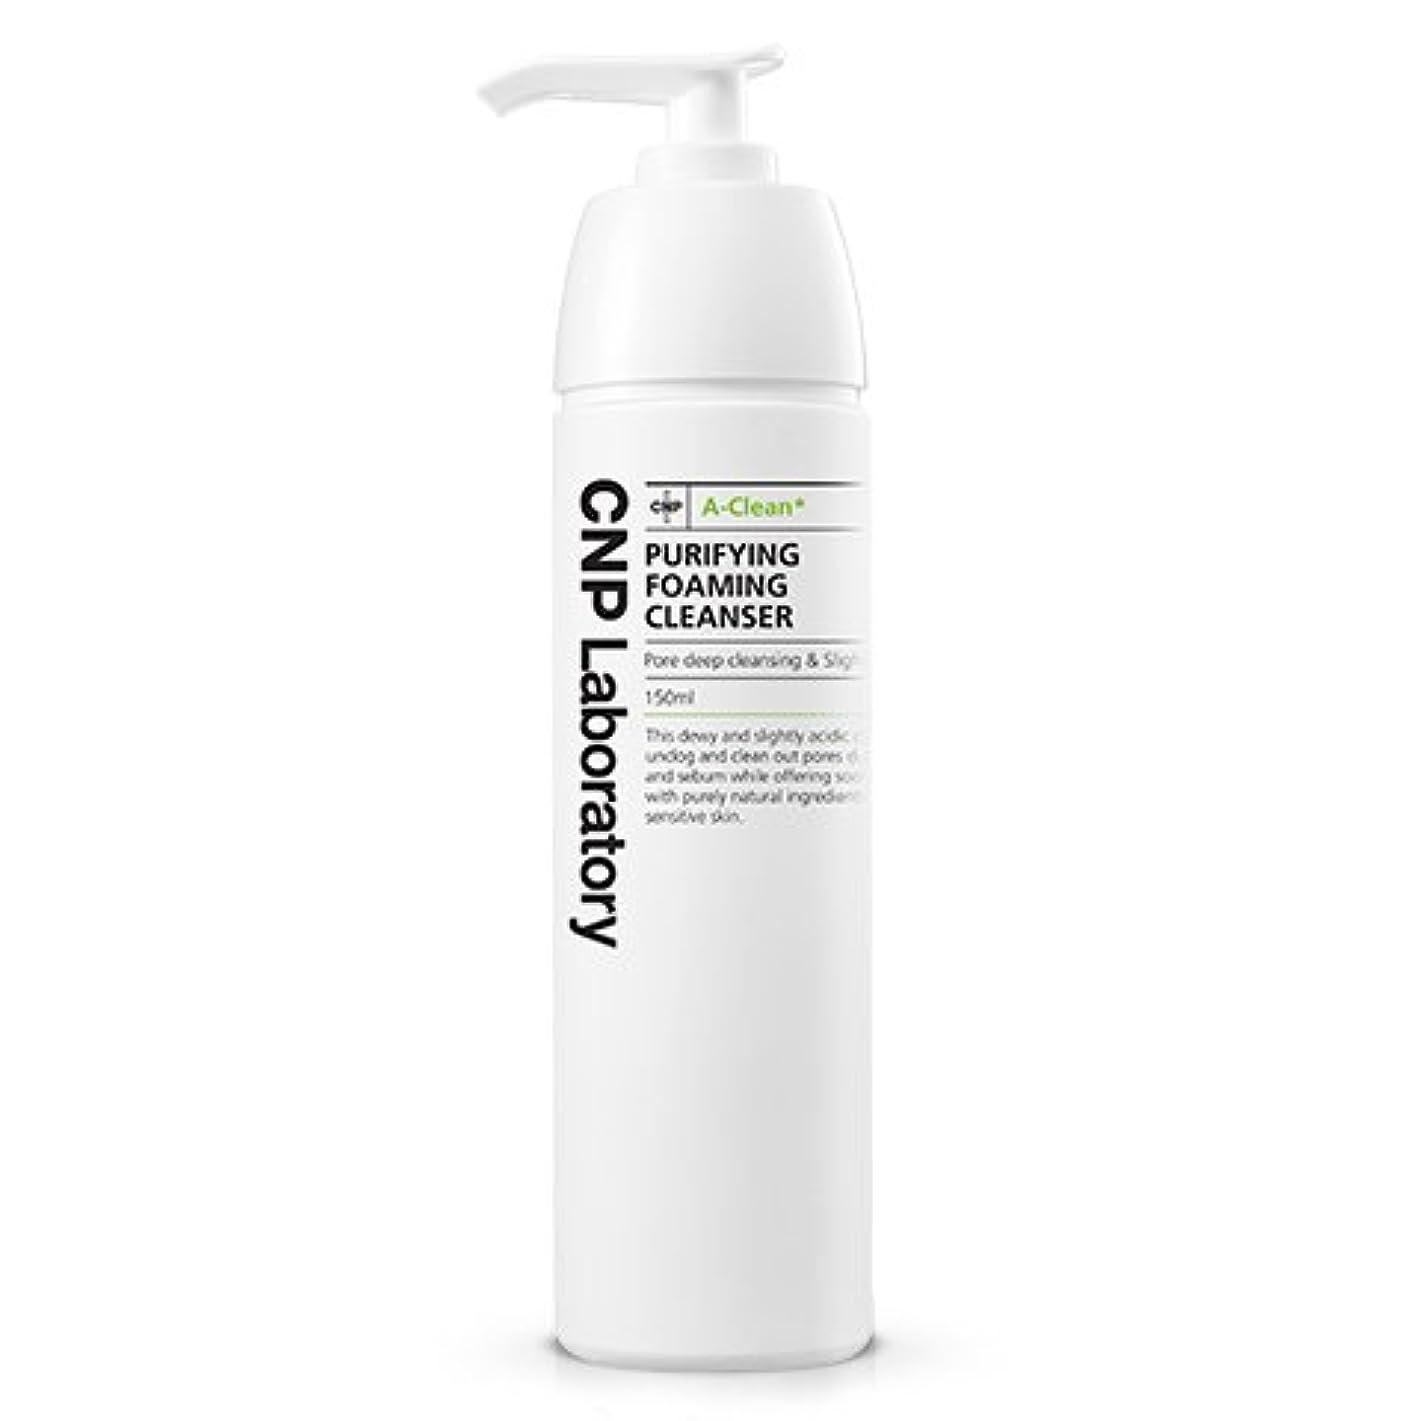 ピル気味の悪いスポークスマンCNP Laboratory Aクリーンピーリングフォーミングクレンザー/A-Clean Purifying Foaming Cleanser 150ml [並行輸入品]